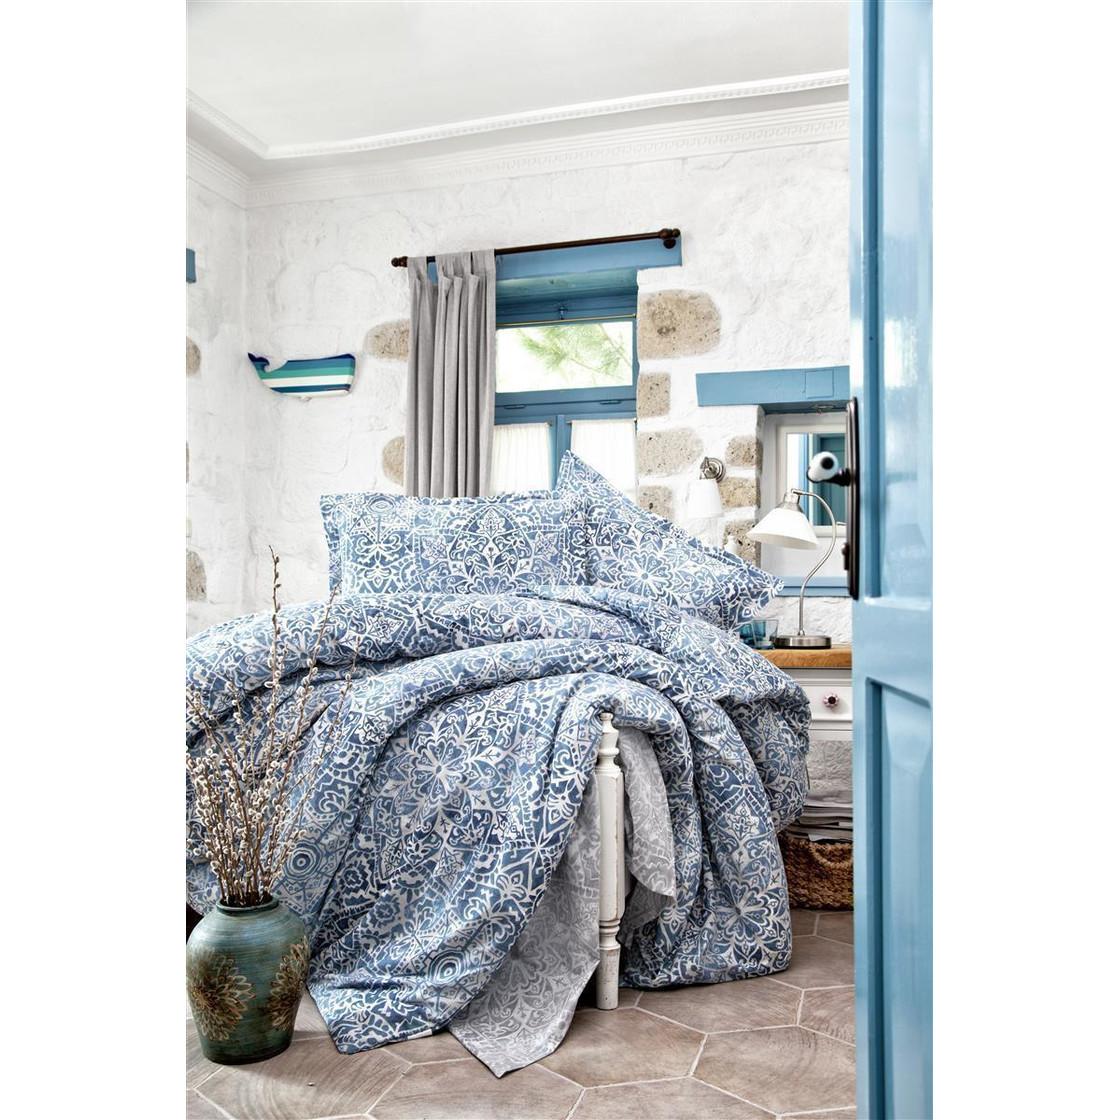 Full Size of Bettwsche 155x220 Cm Aus 100 Baumwolle Bettwäsche Sprüche Wohnzimmer Bettwäsche 155x220